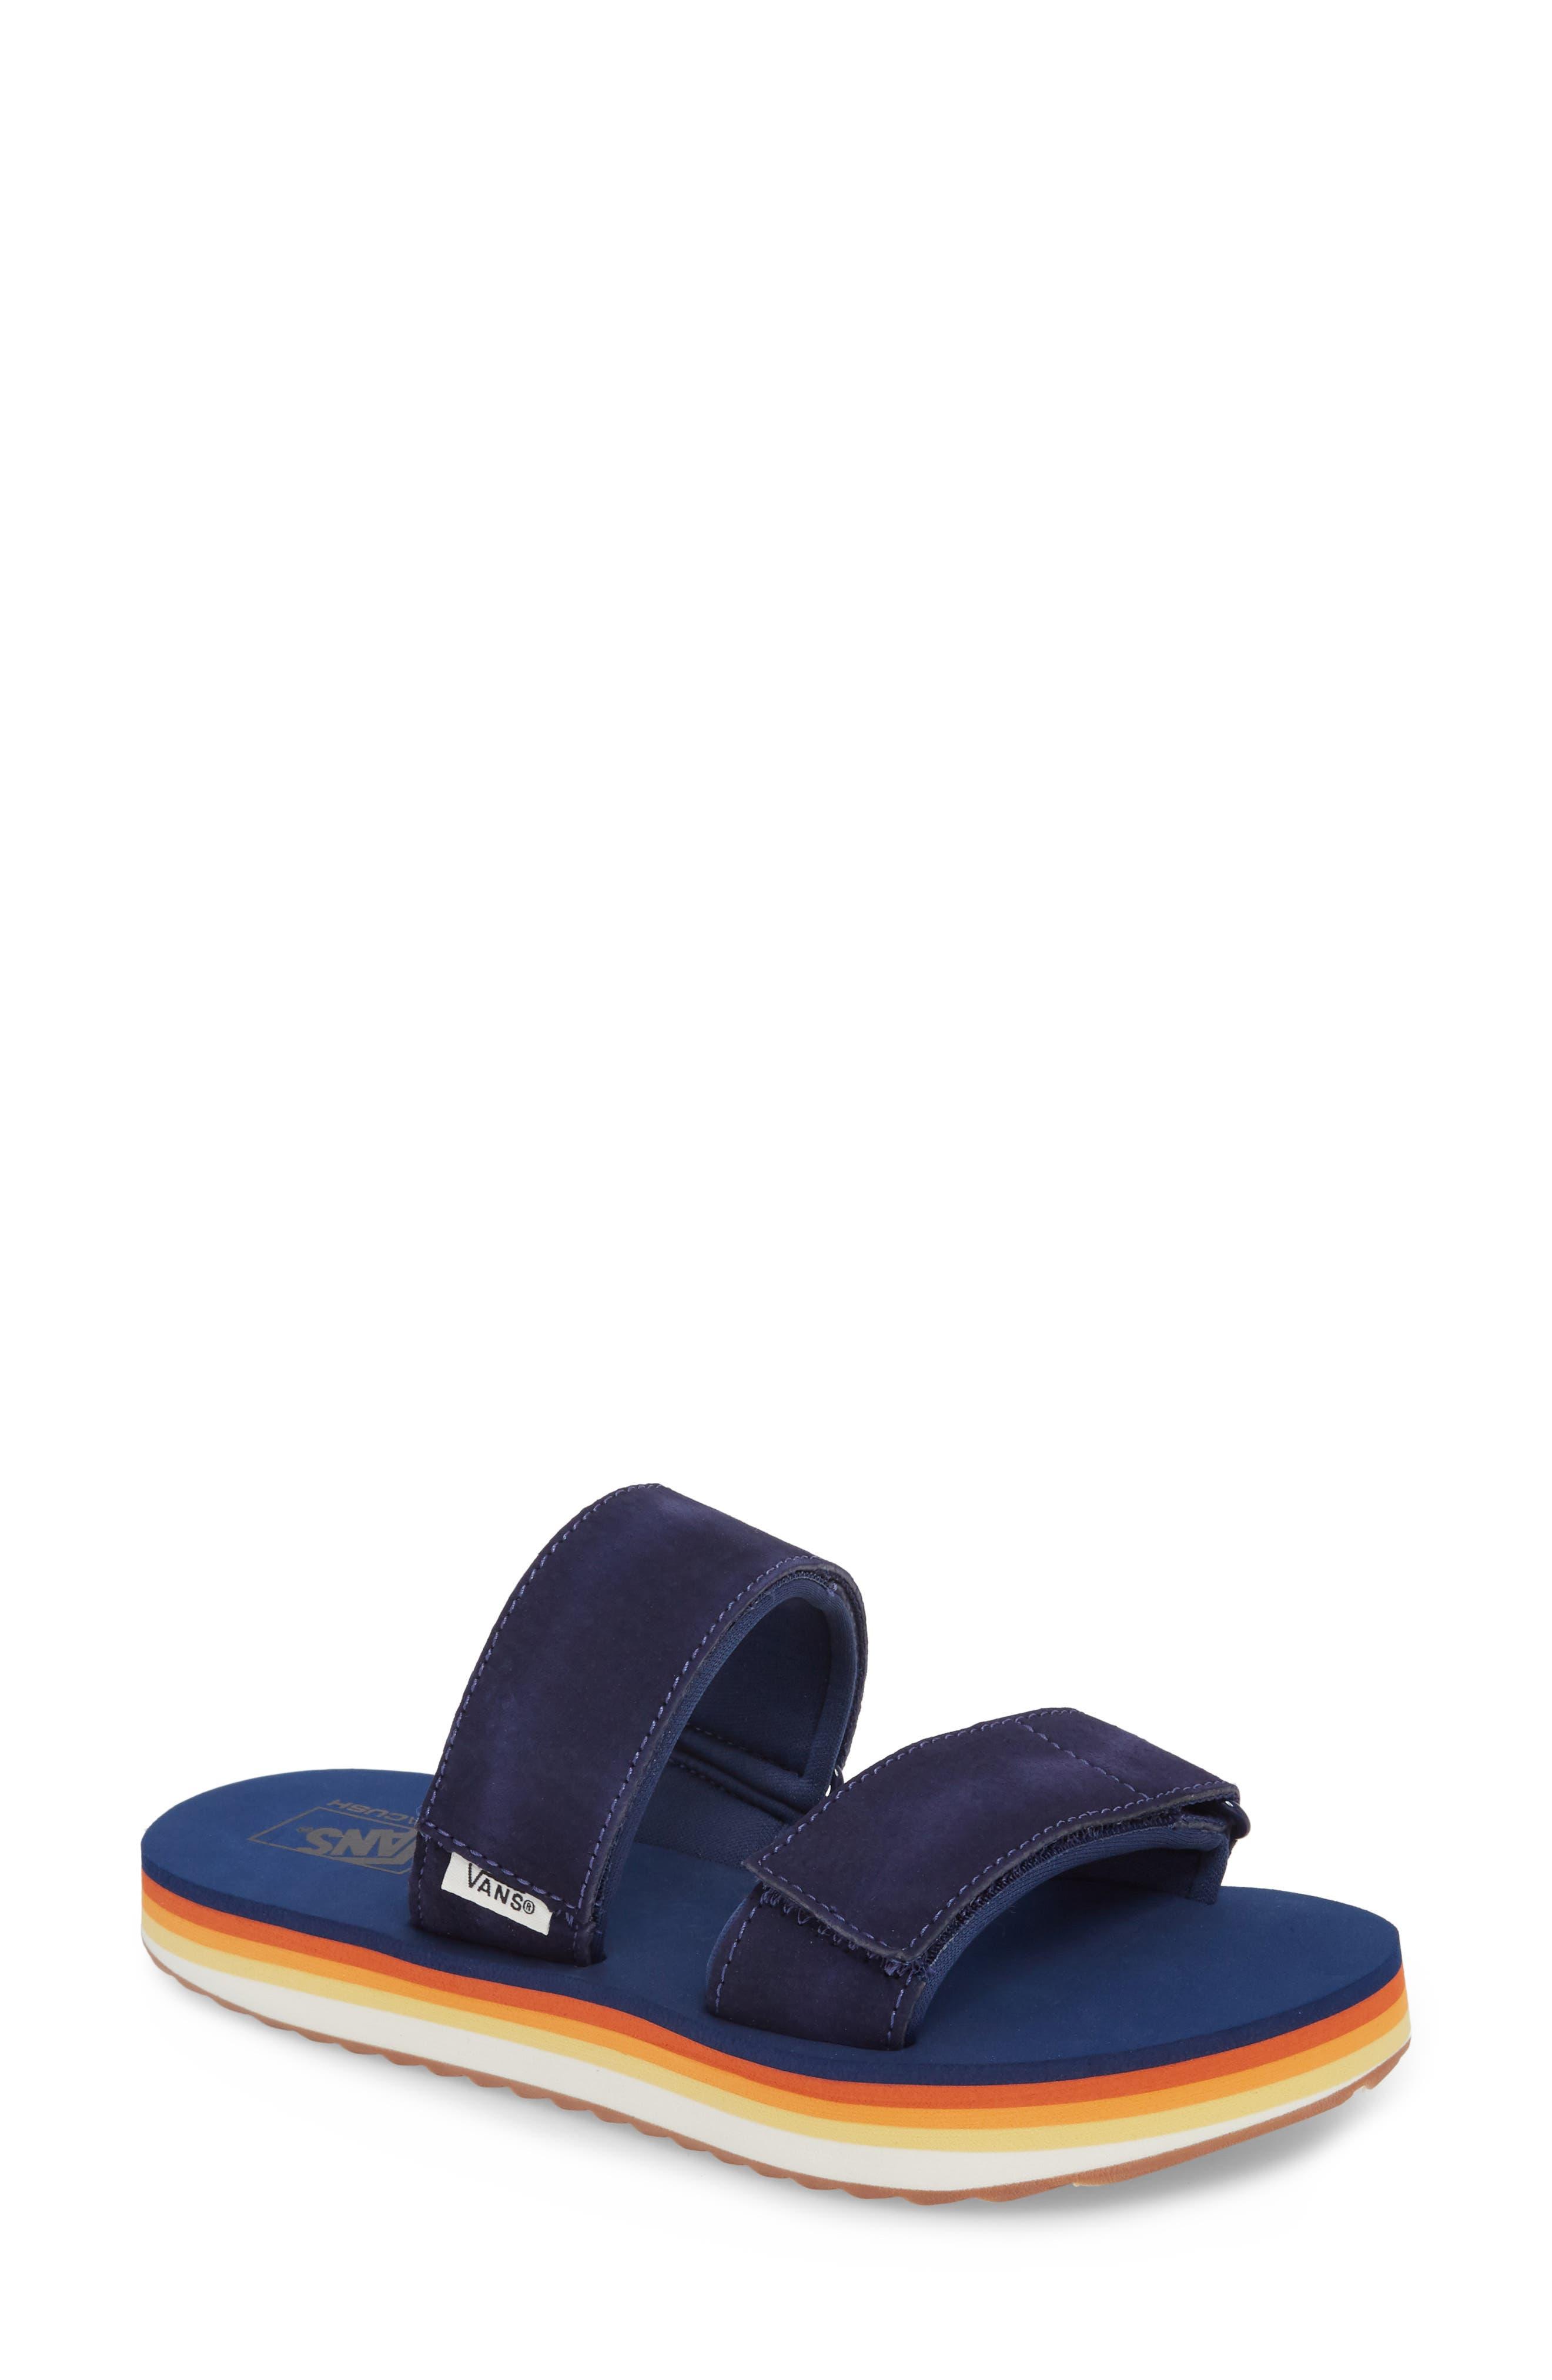 Cayucas Platform Slide Sandal,                             Main thumbnail 1, color,